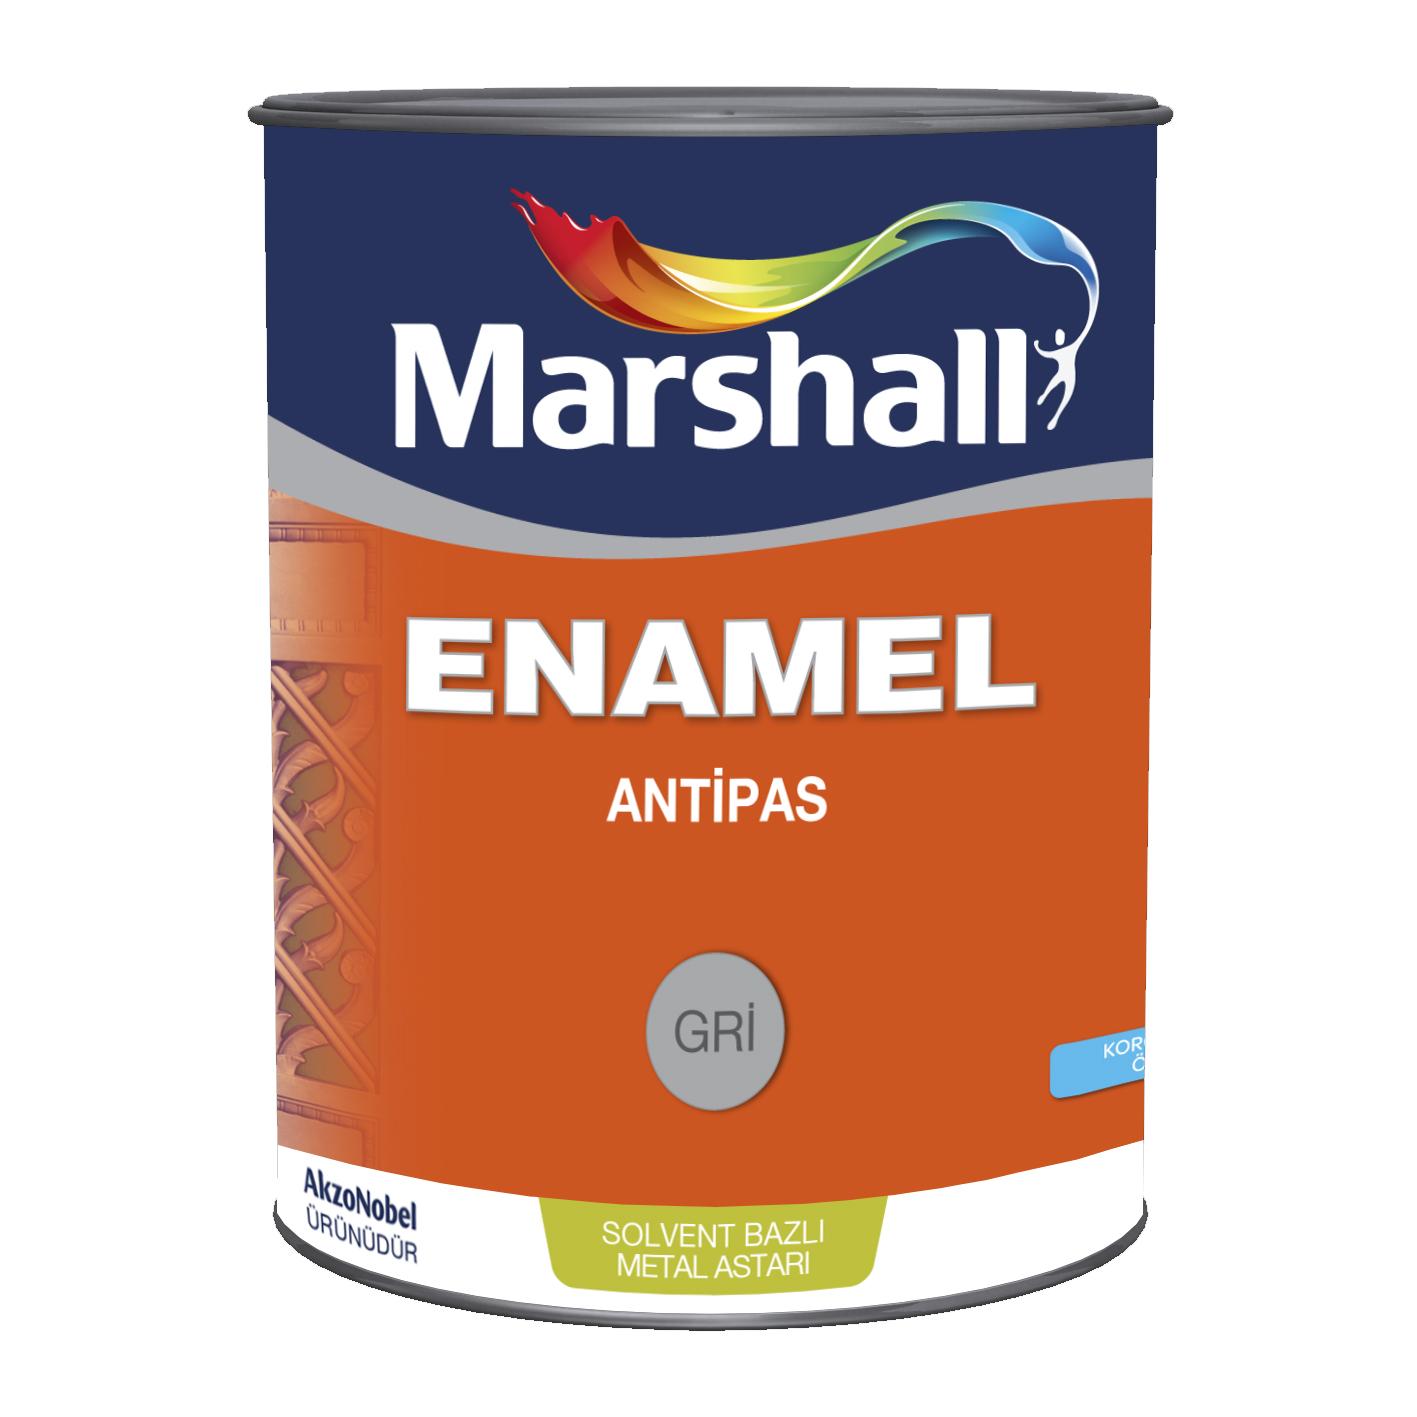 Marshall Enamel Antipas Gri 15Lt